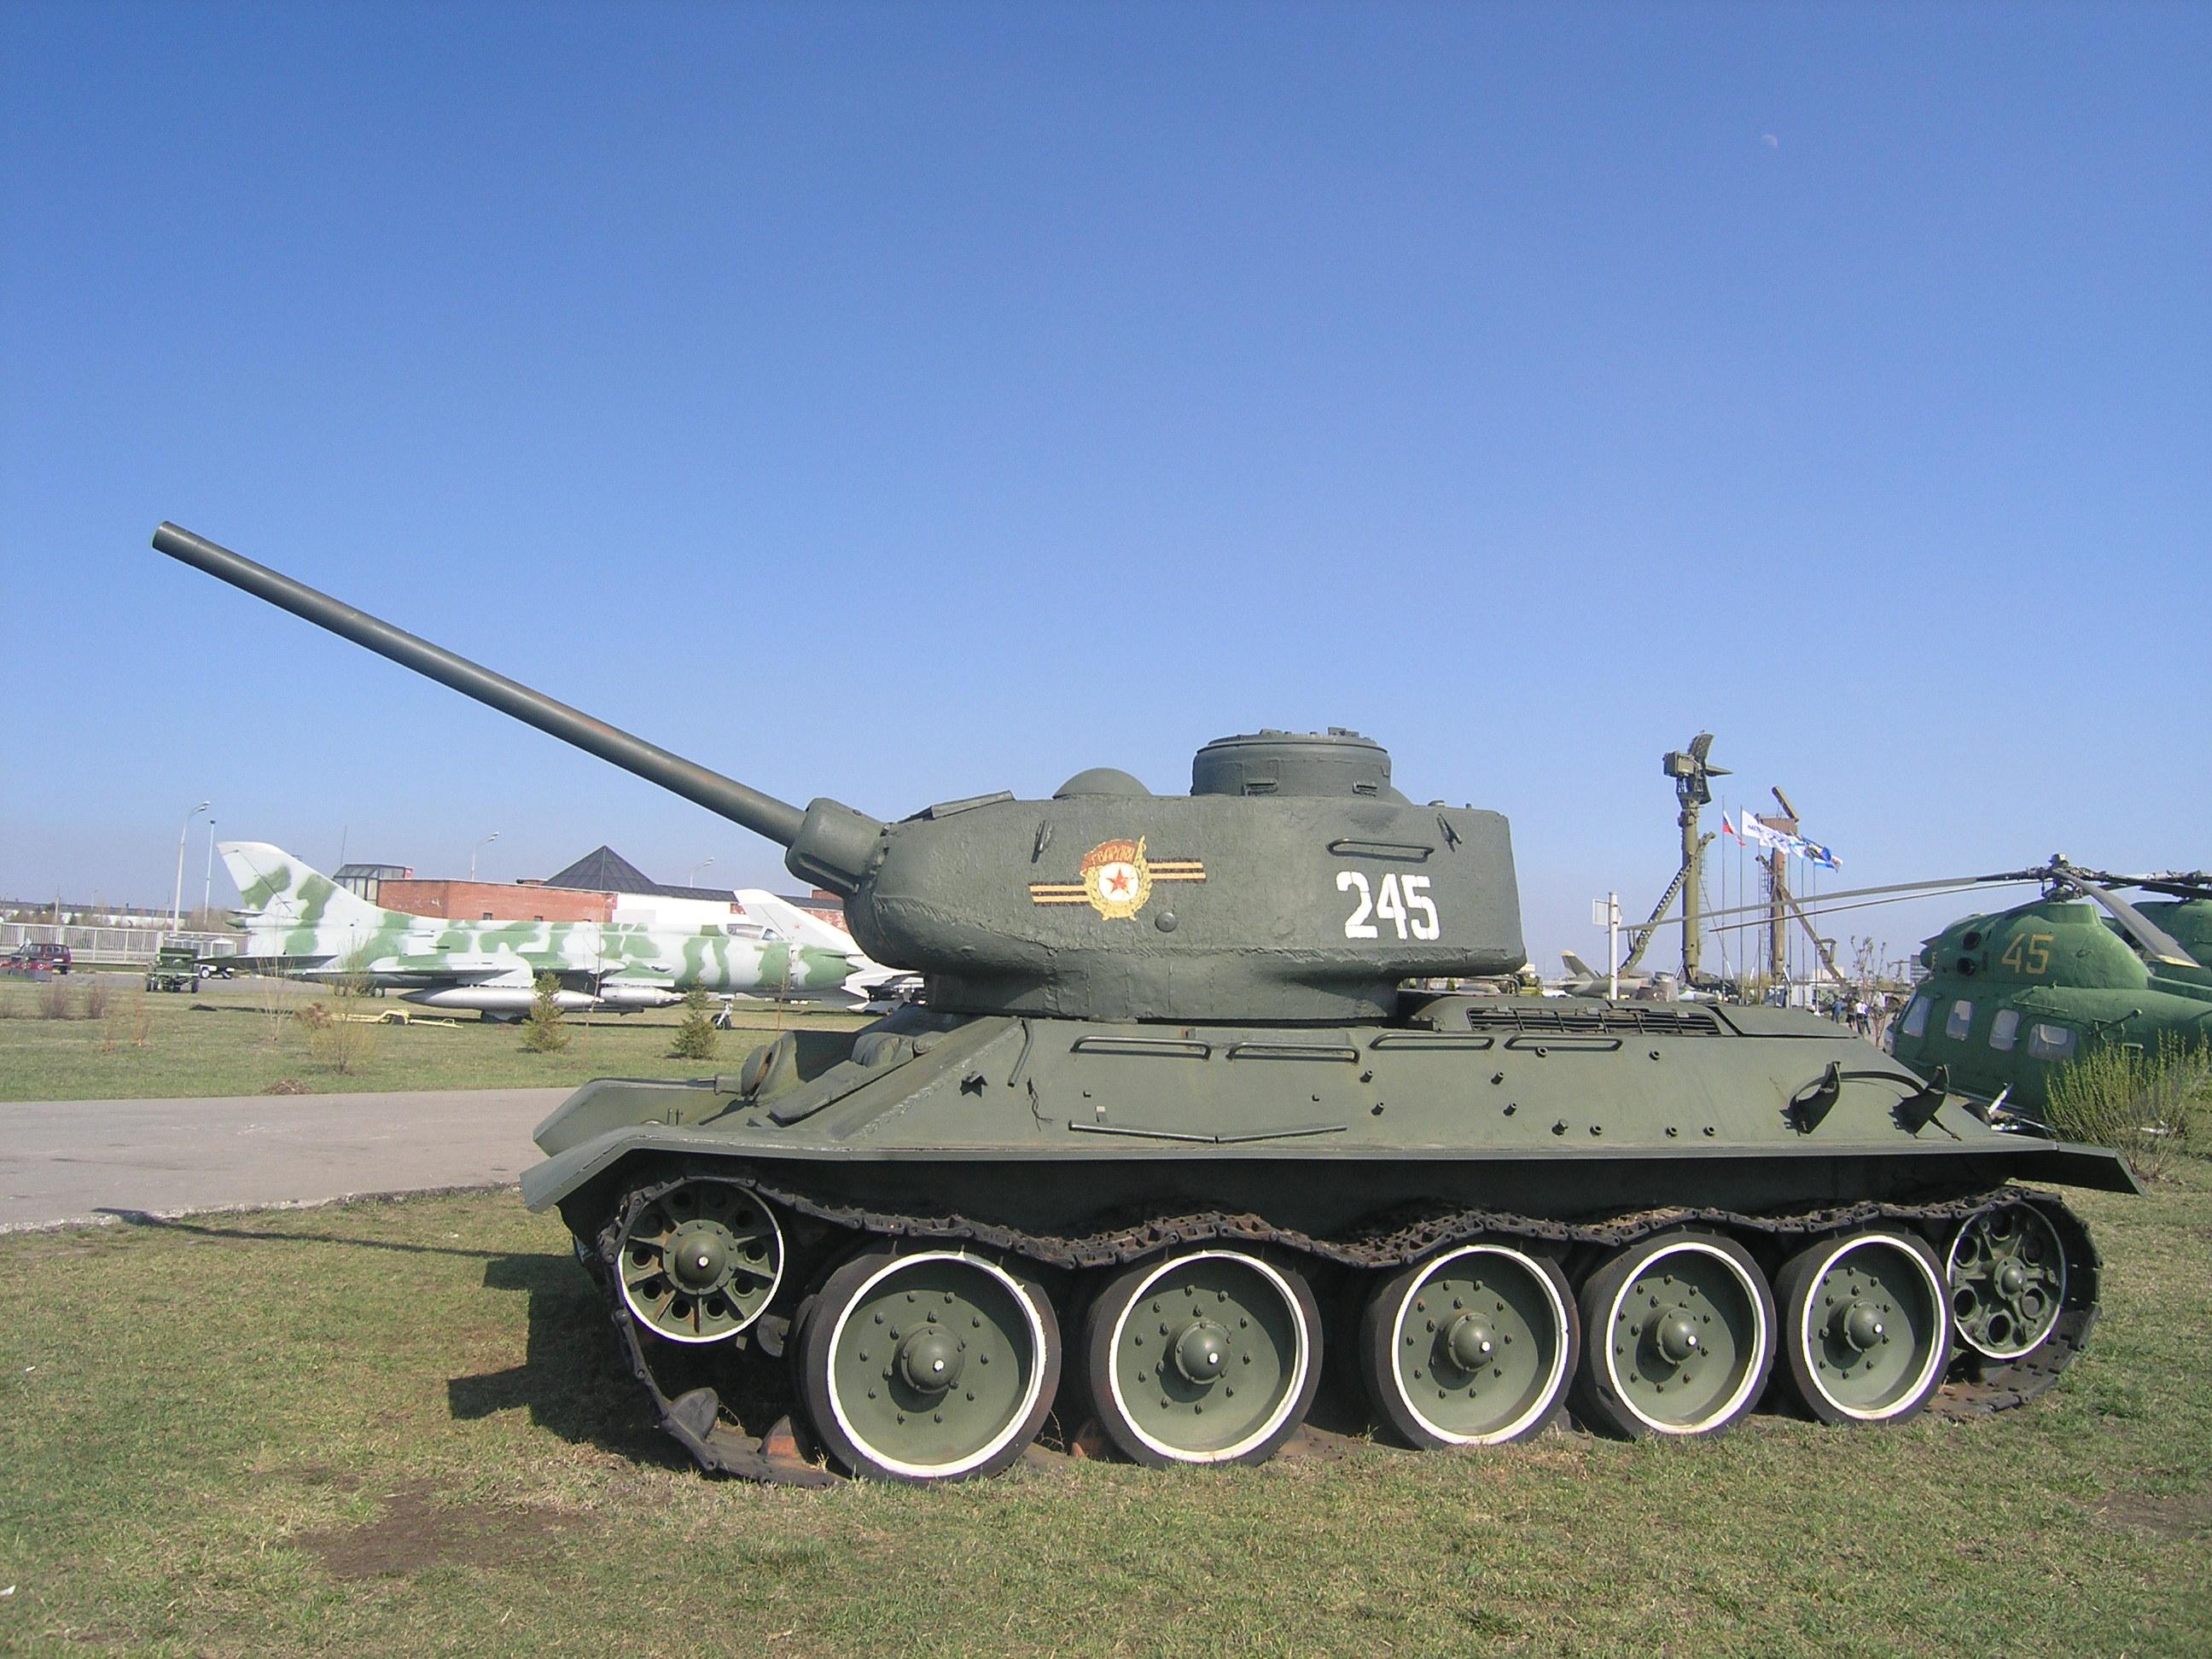 Togliatti Russia  city pictures gallery : T 34 85, museum, Togliatti, Russia 2 Wikimedia Commons